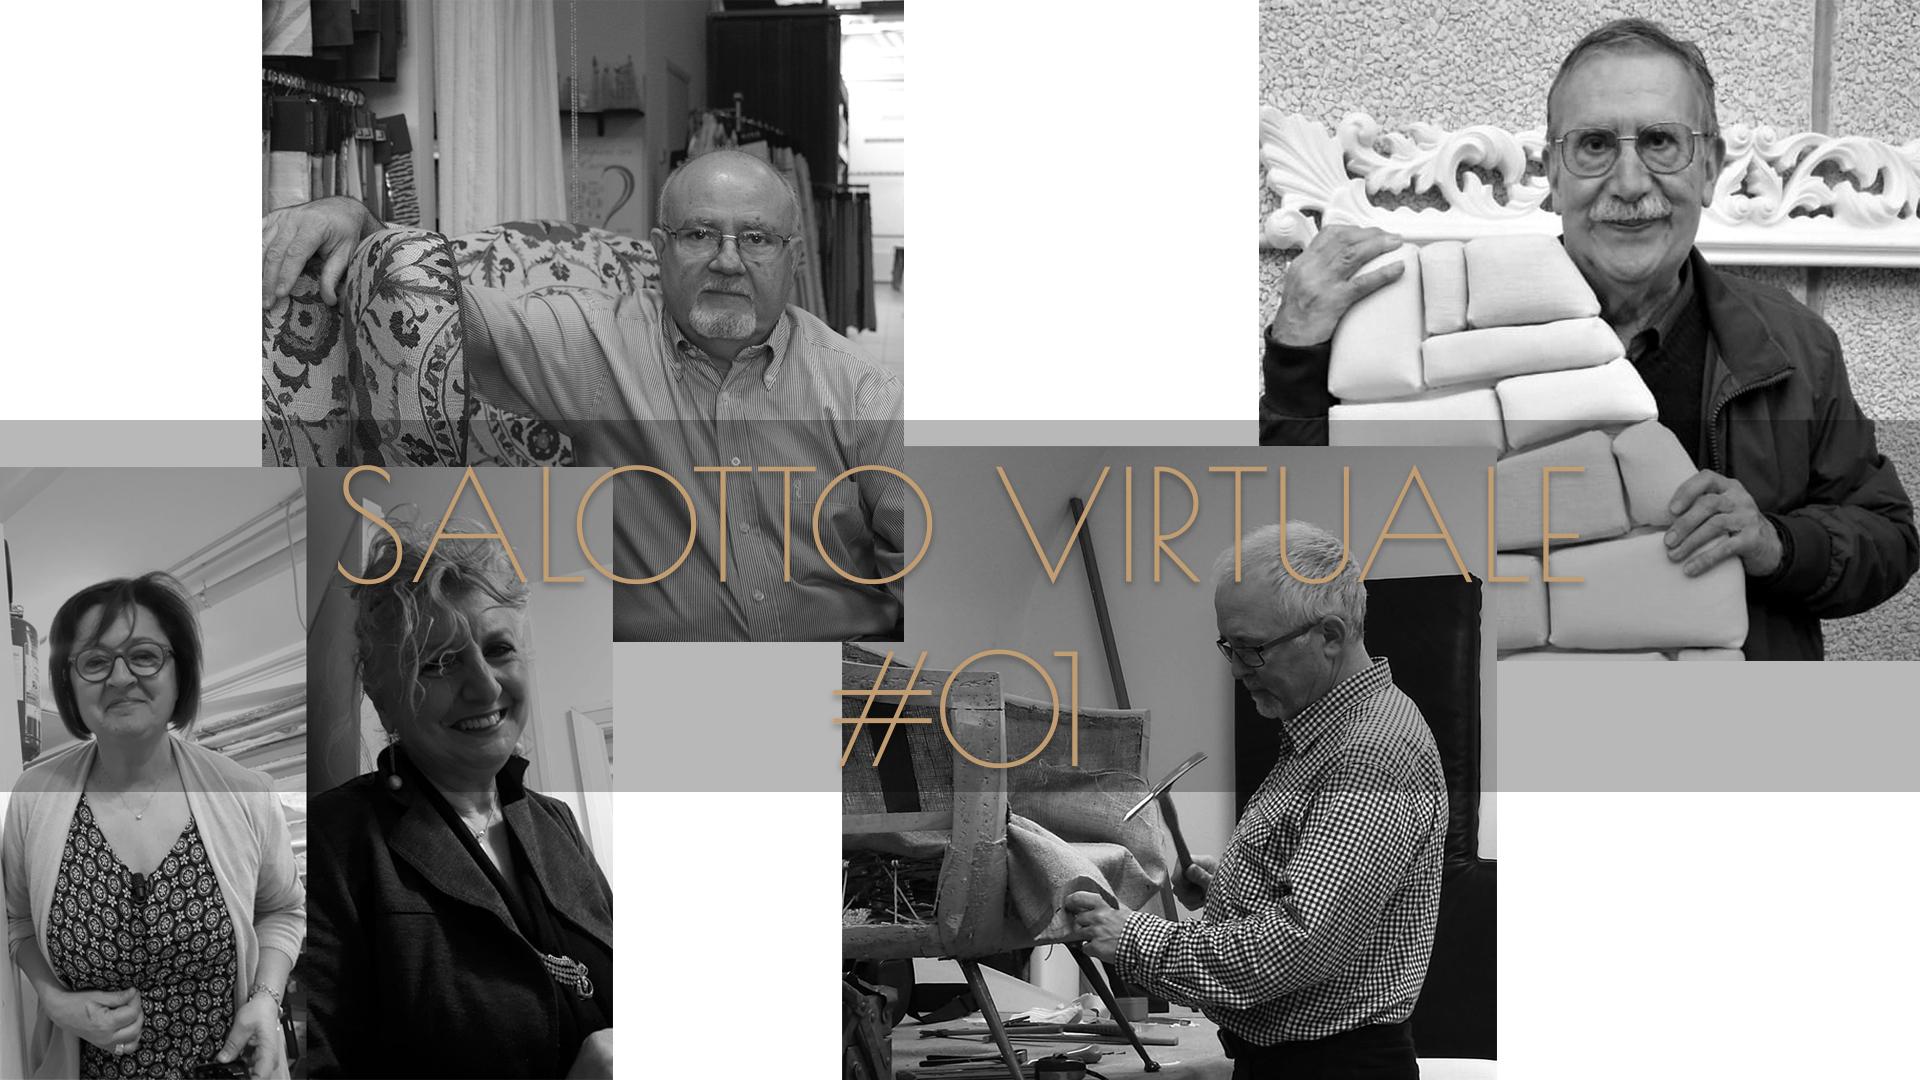 Alchimia Tessile - Salotto Virtuale - Pietro Virzi - Raffaele Belfiore - Rita Moretti - Orazio Cannistraci